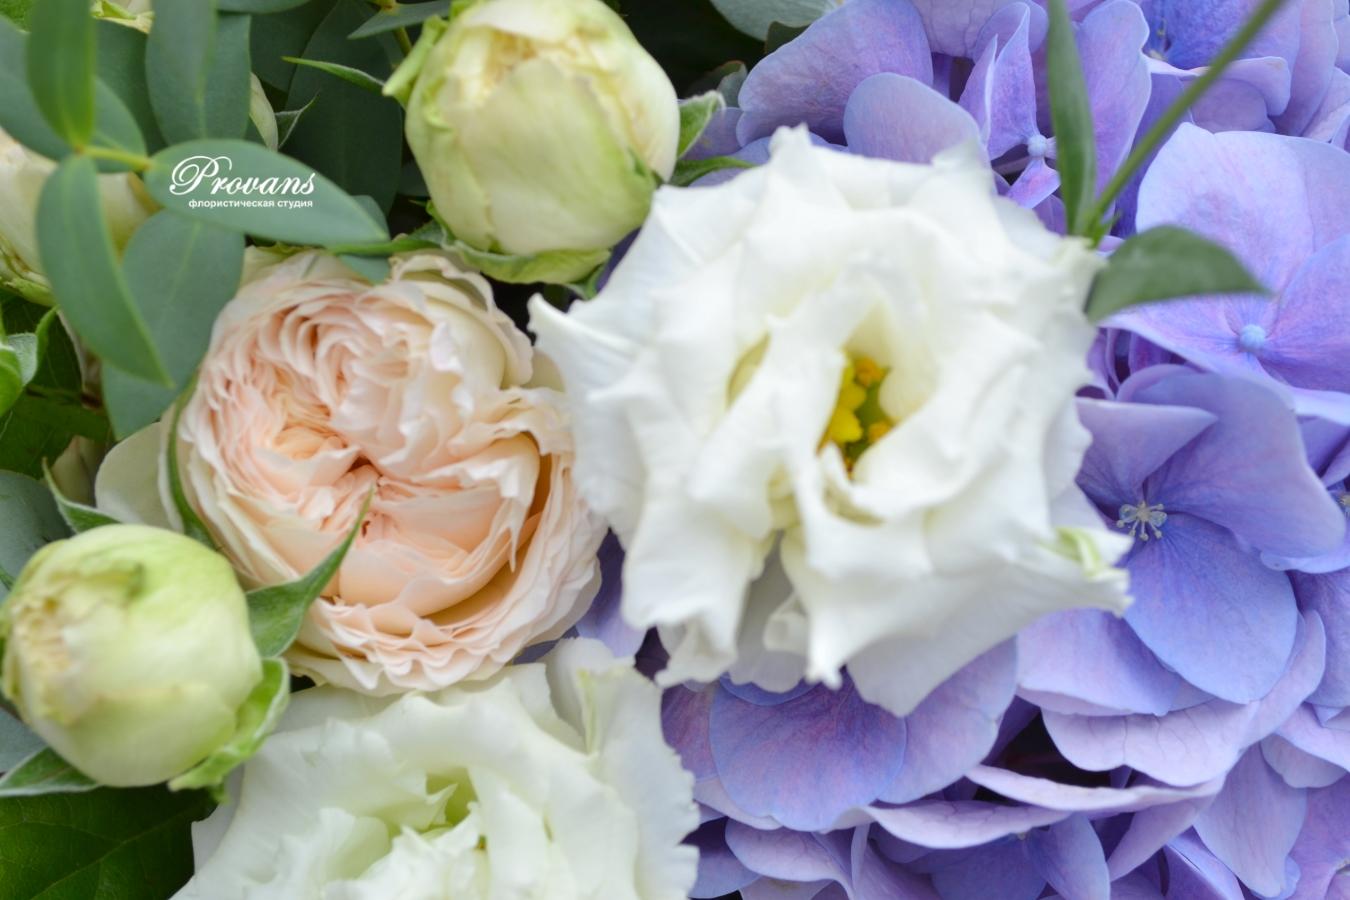 Цветы в корзине. Пионовидная роза, голубая гортензия